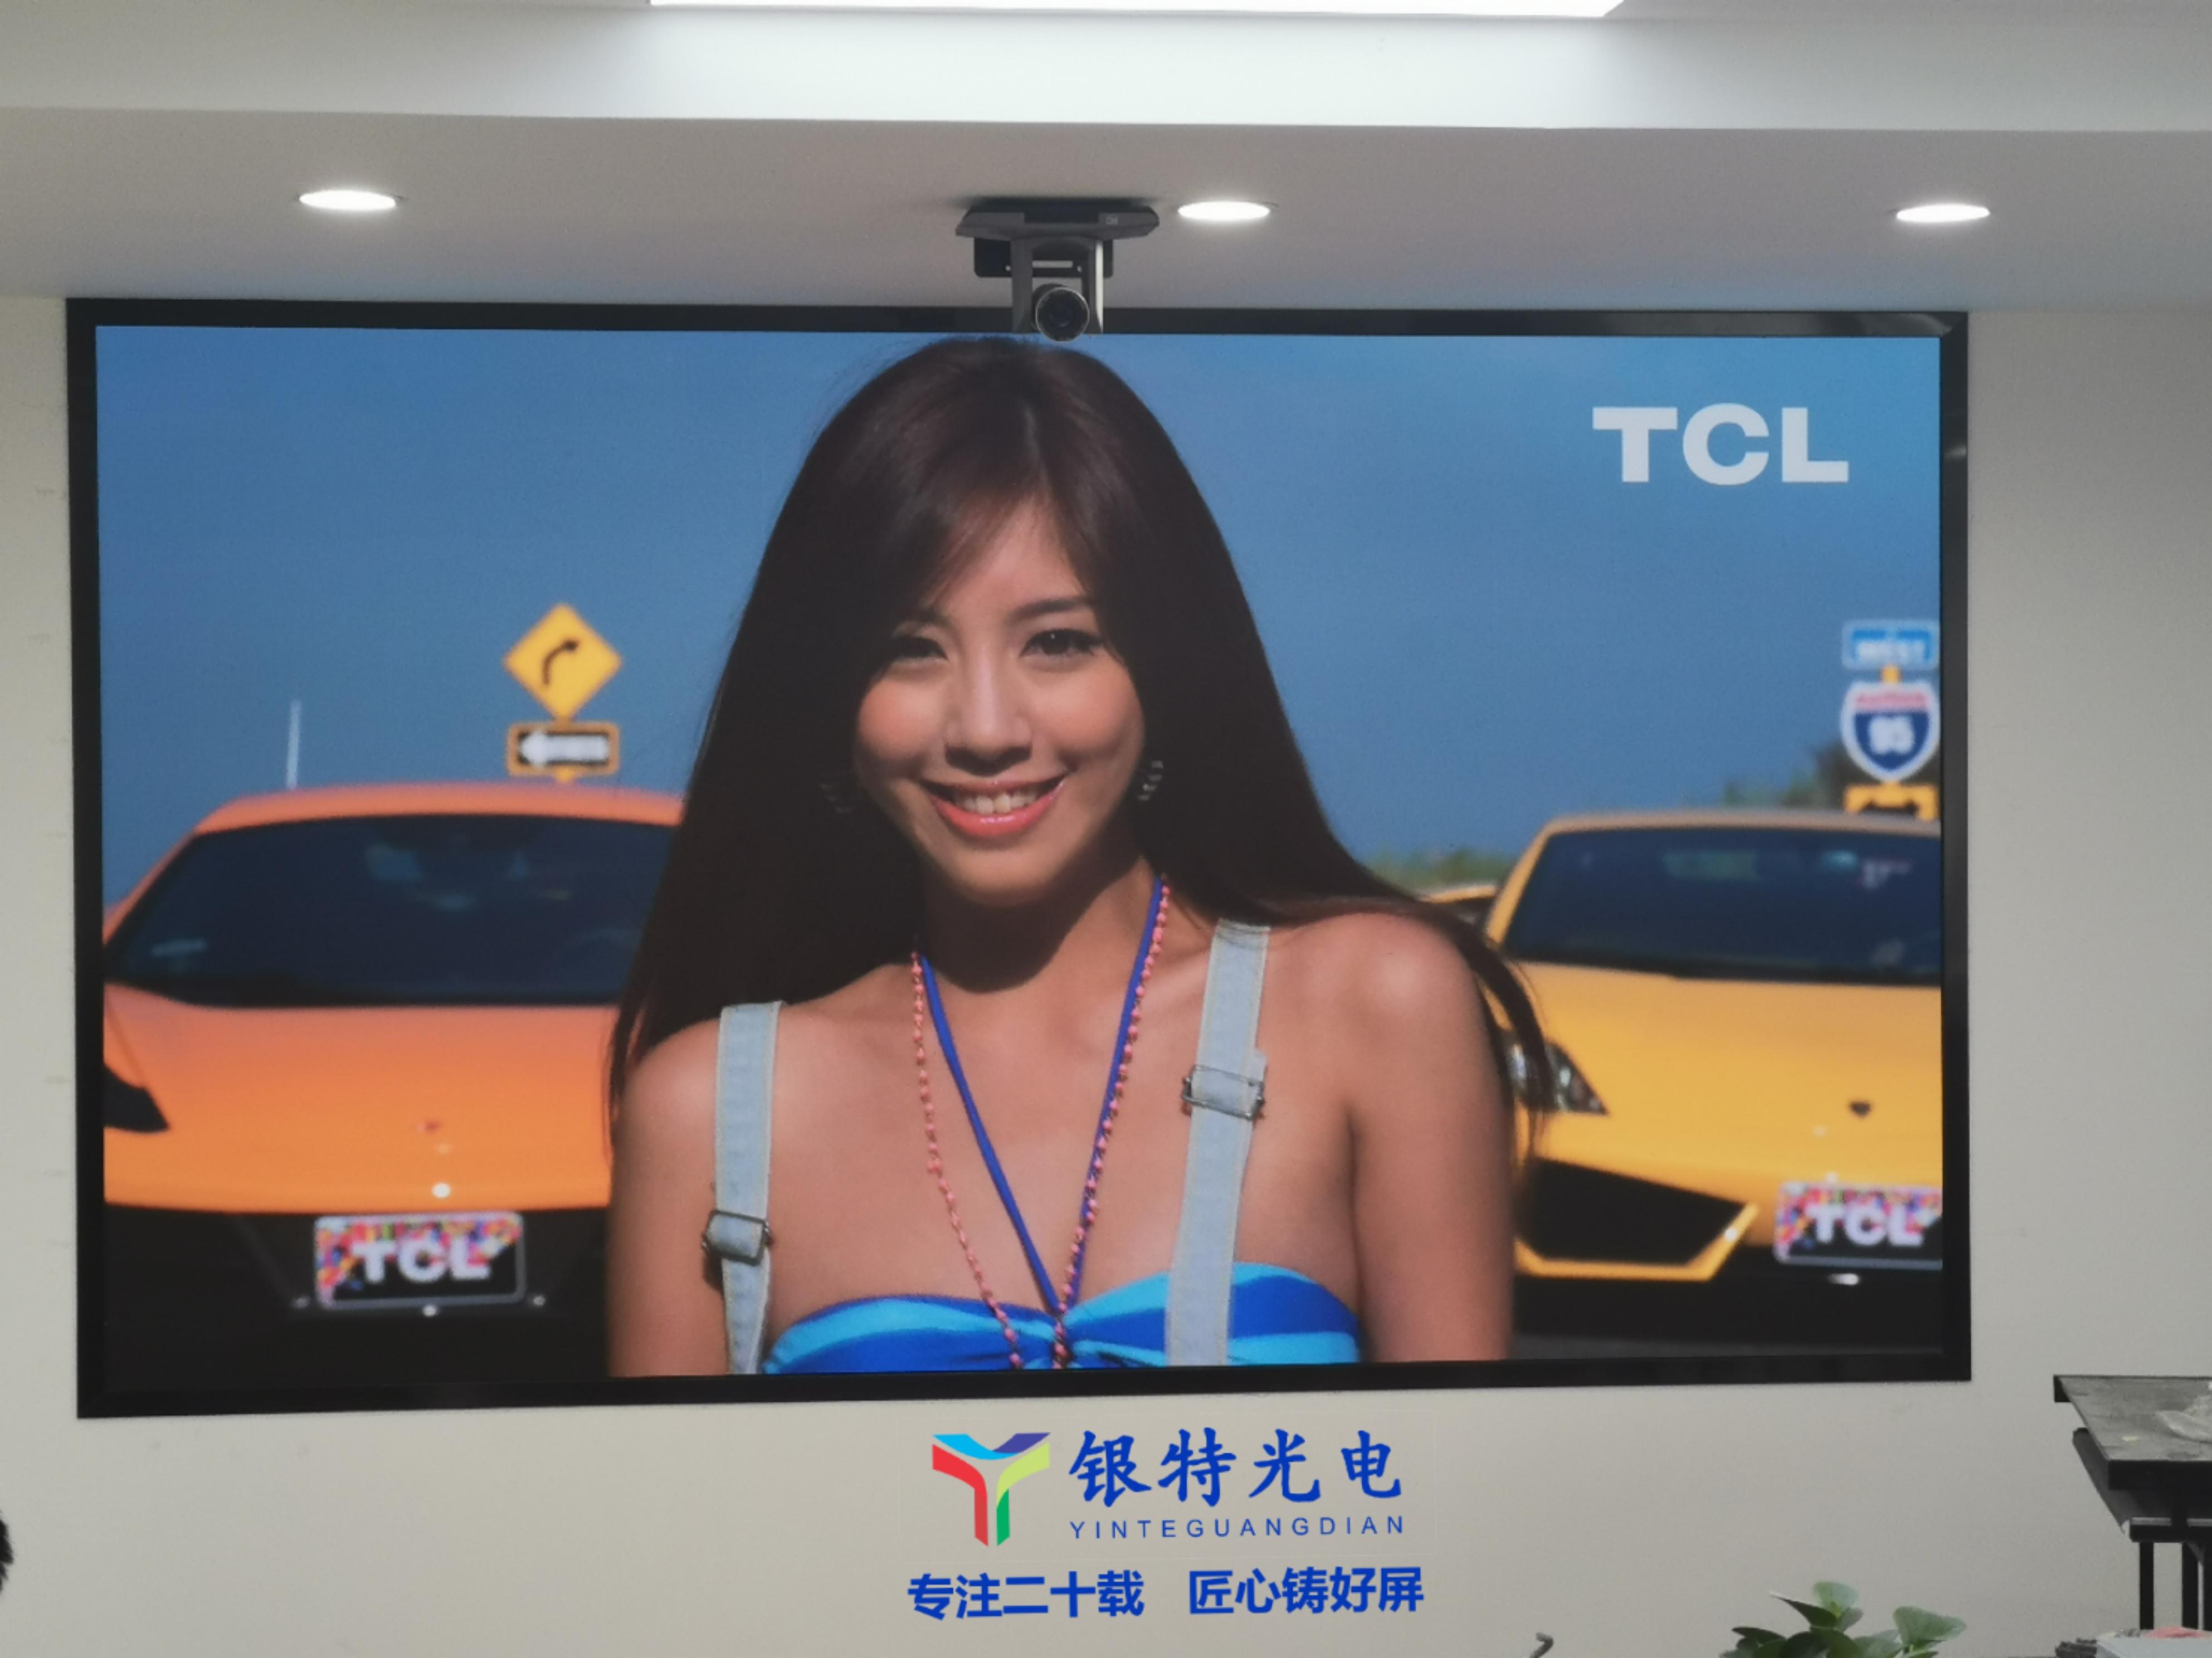 郑州市无线电管理局户内小间距LED显示屏